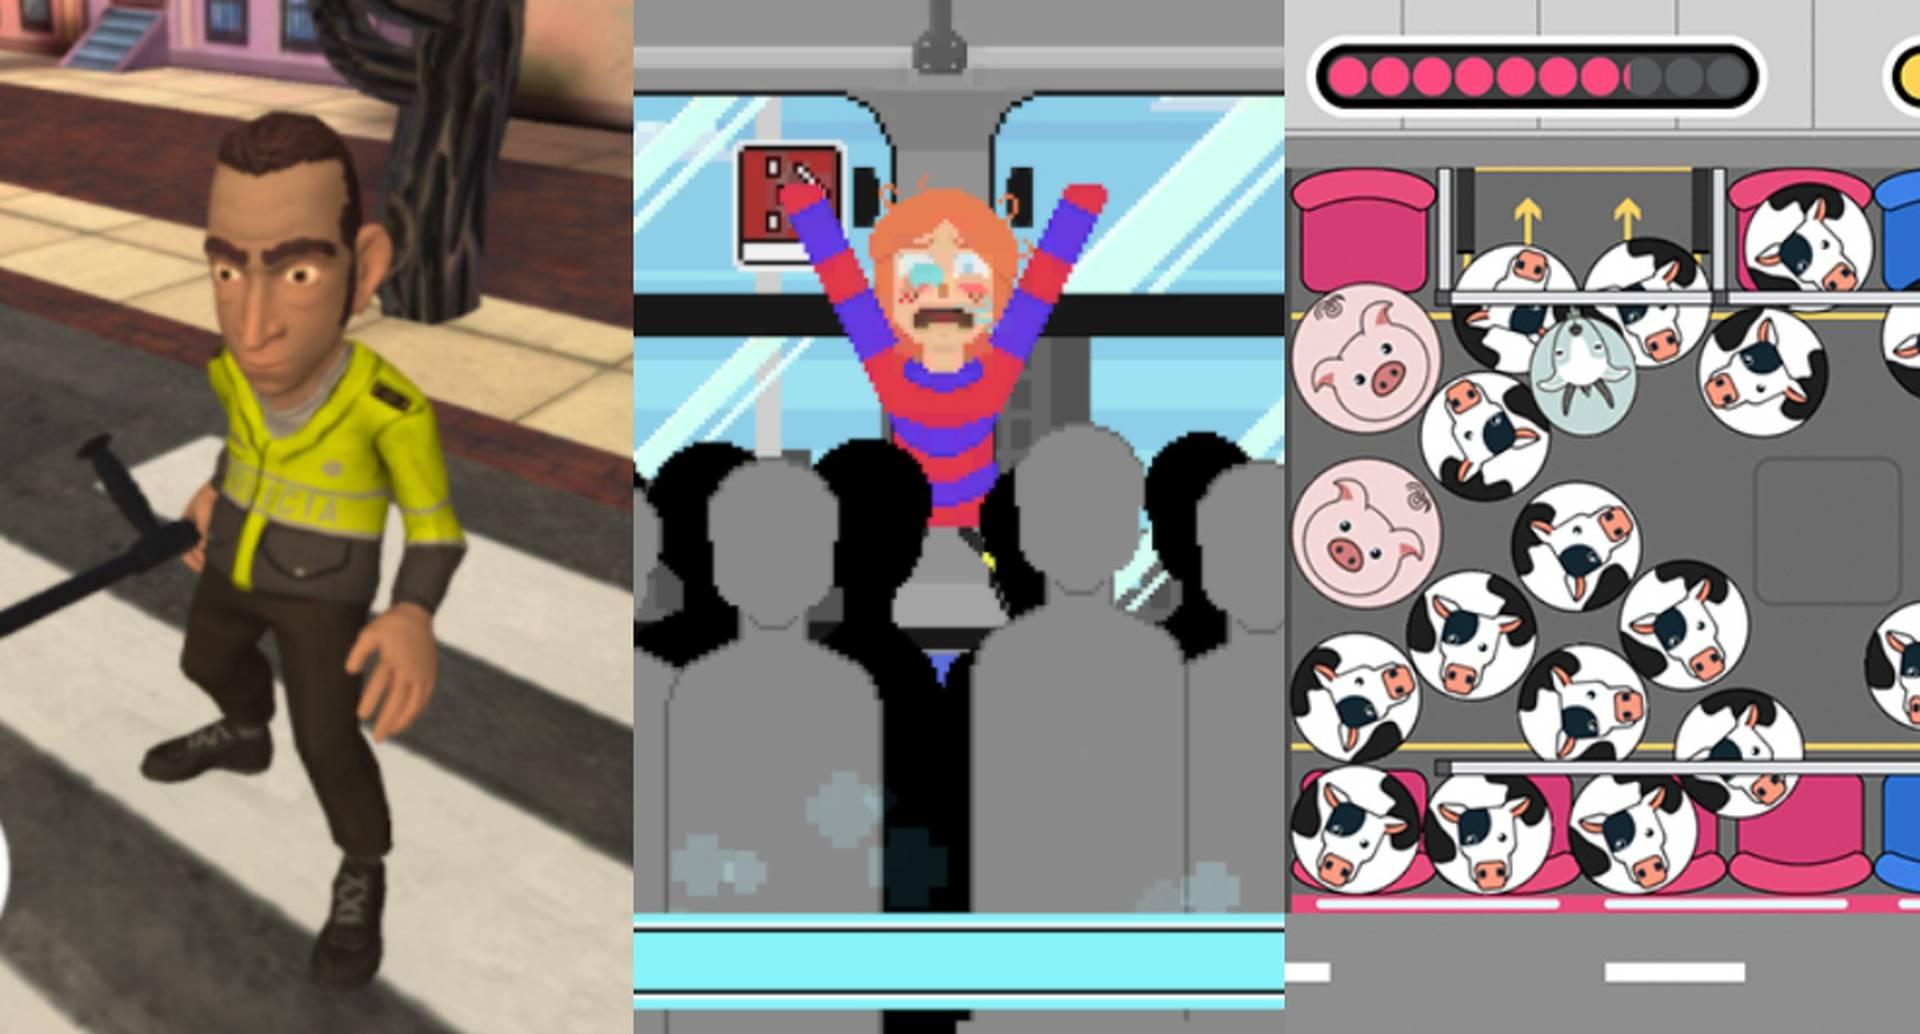 Los videojuegos también se han convertido en un espacio para generar conciencia en el mundo